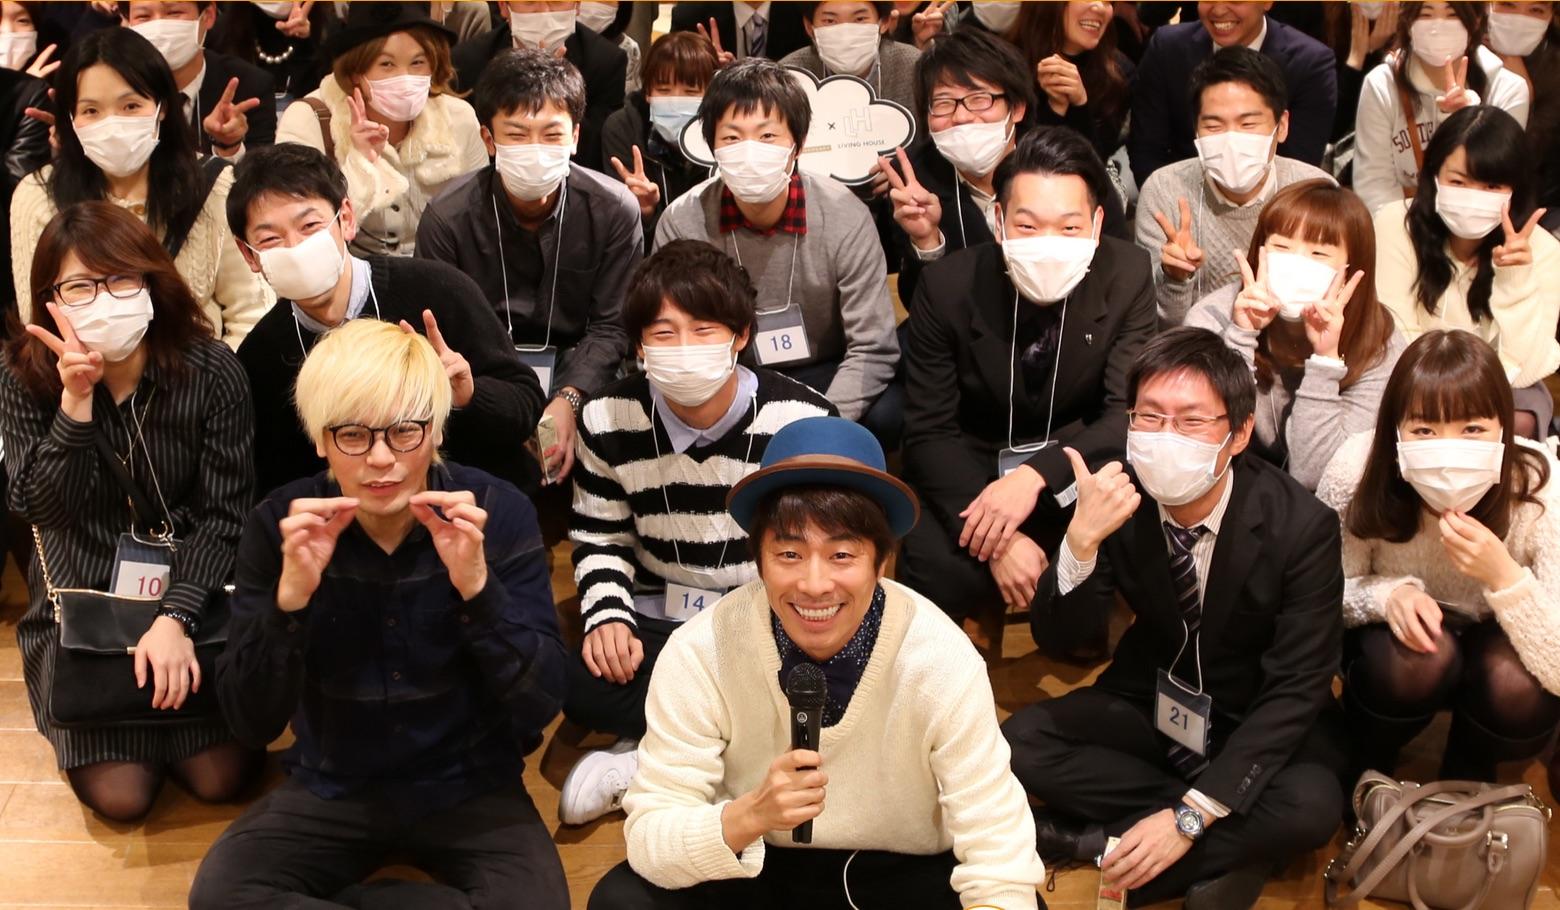 ロンドンブーツ1号2号の田村淳とのコラボお見合いイベントの写真